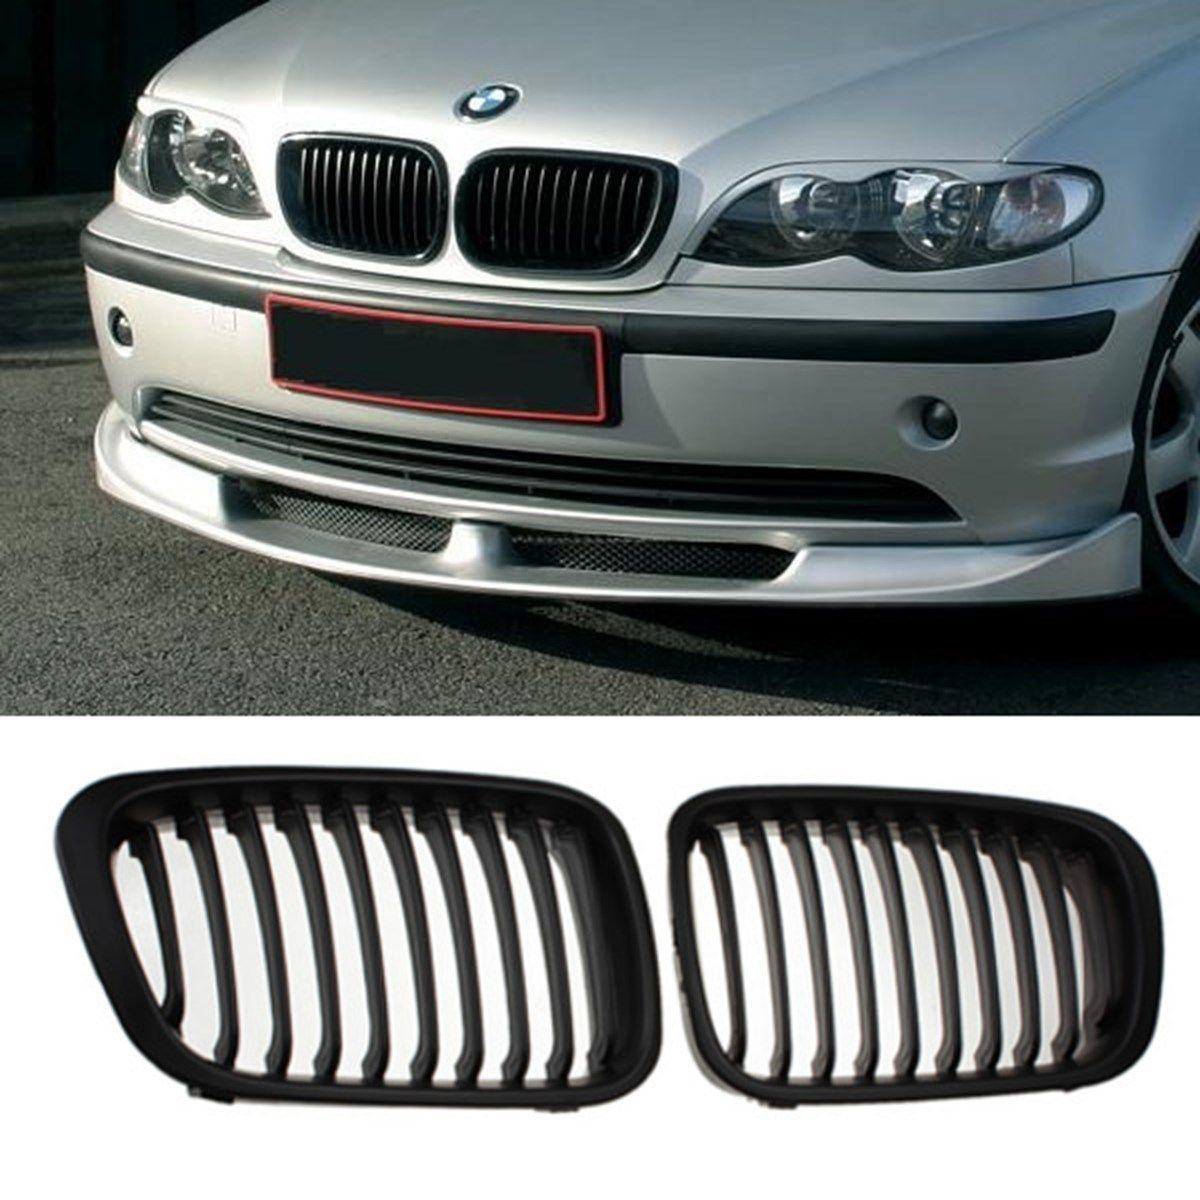 MATTE BLACK GRILLE GRILL for BMW E46 1998-2001 4 DOOR 320i 323i 325i 328i 330i 1998-2001